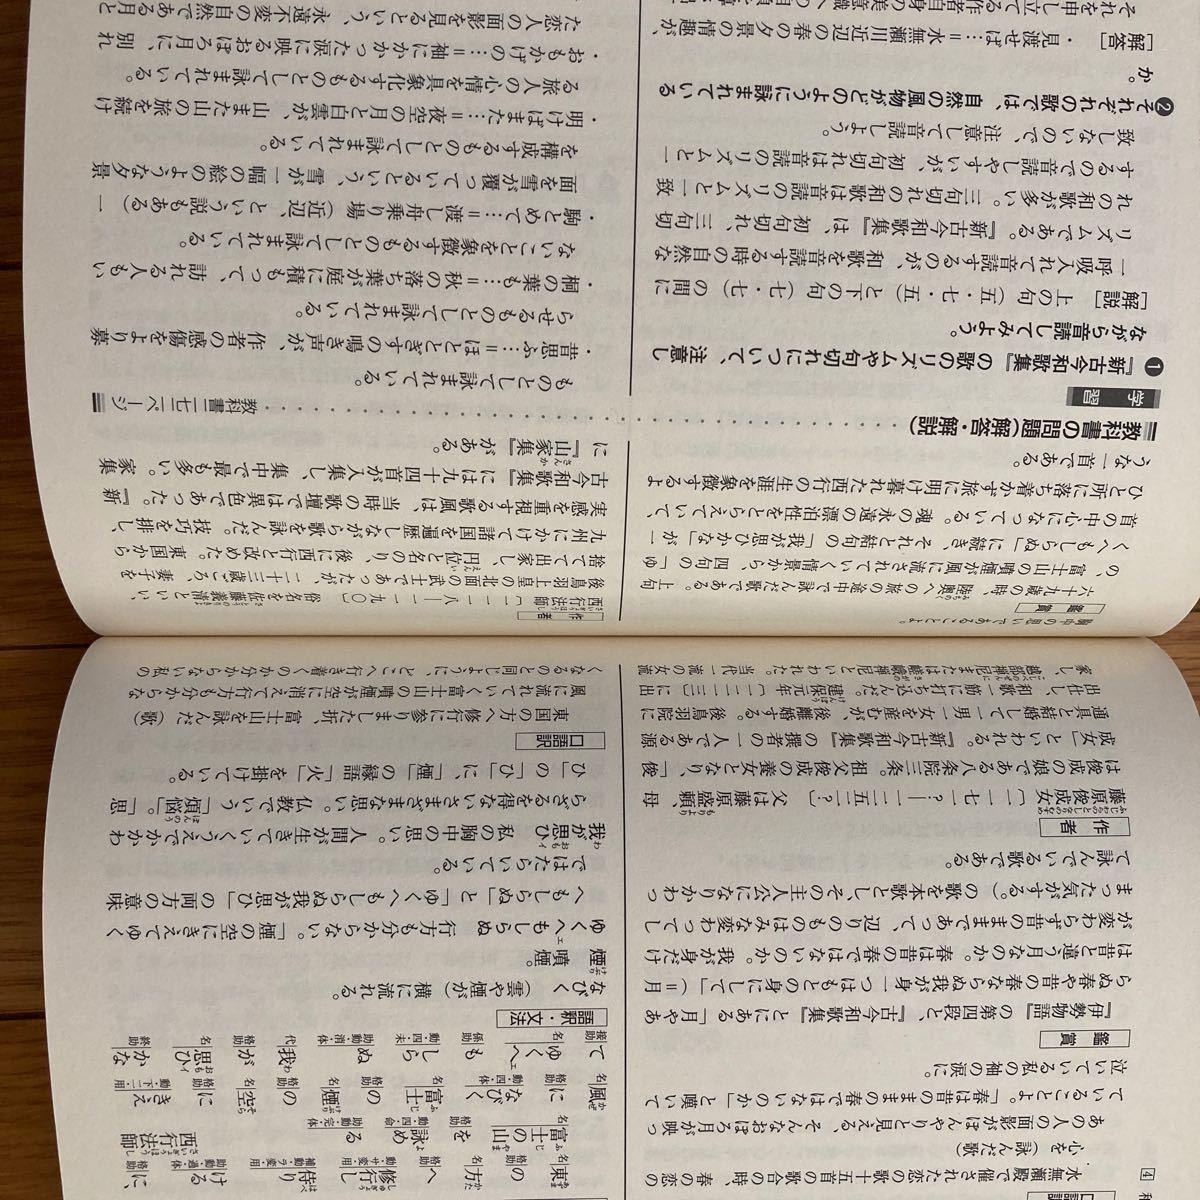 東京書籍版教科書ガイド 精選国語総合(古典)